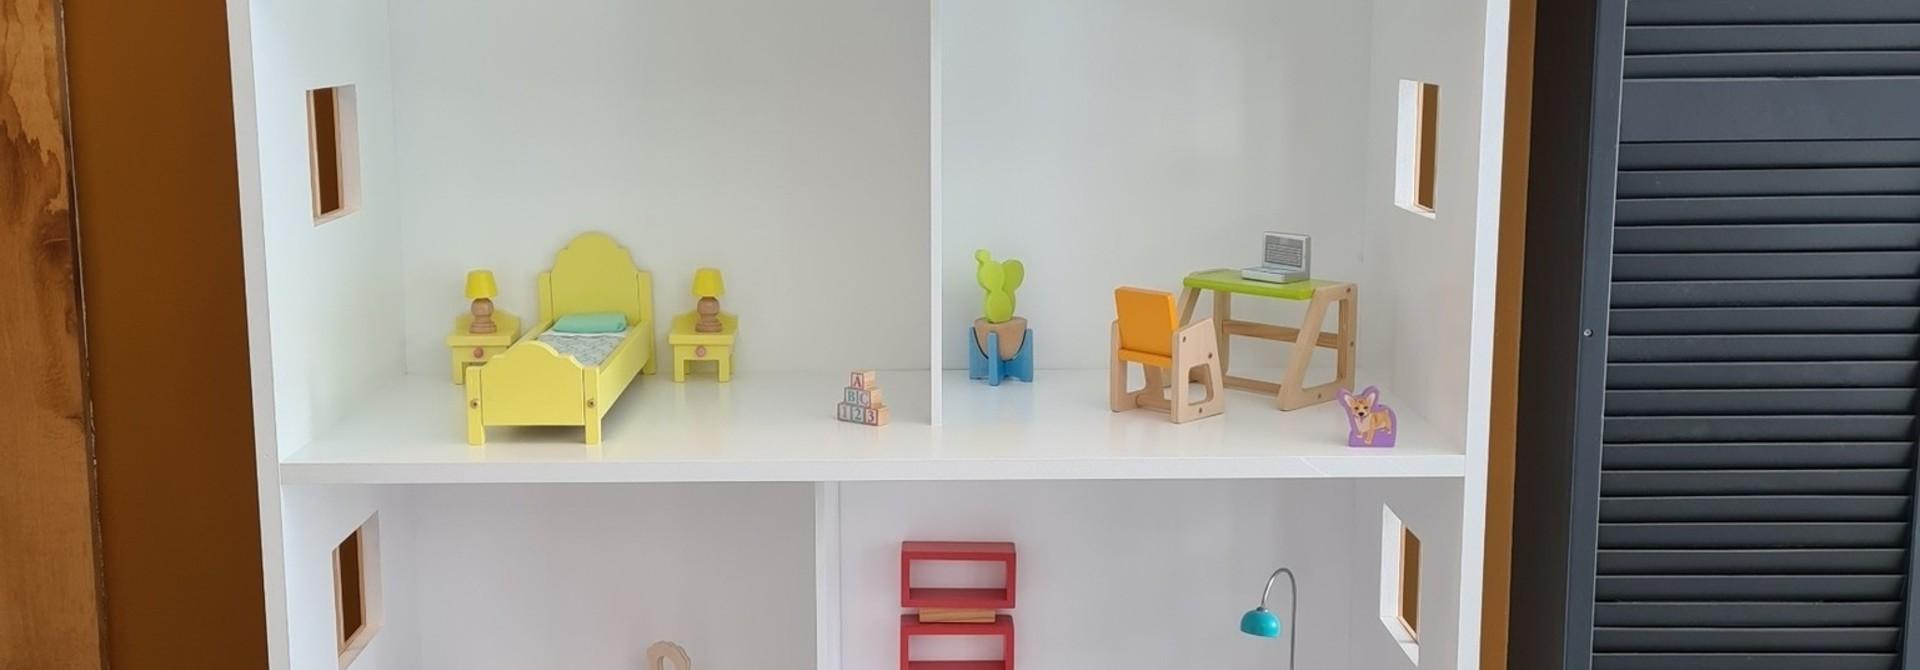 Barbiehuis met ramen, dakterras en dakkapel